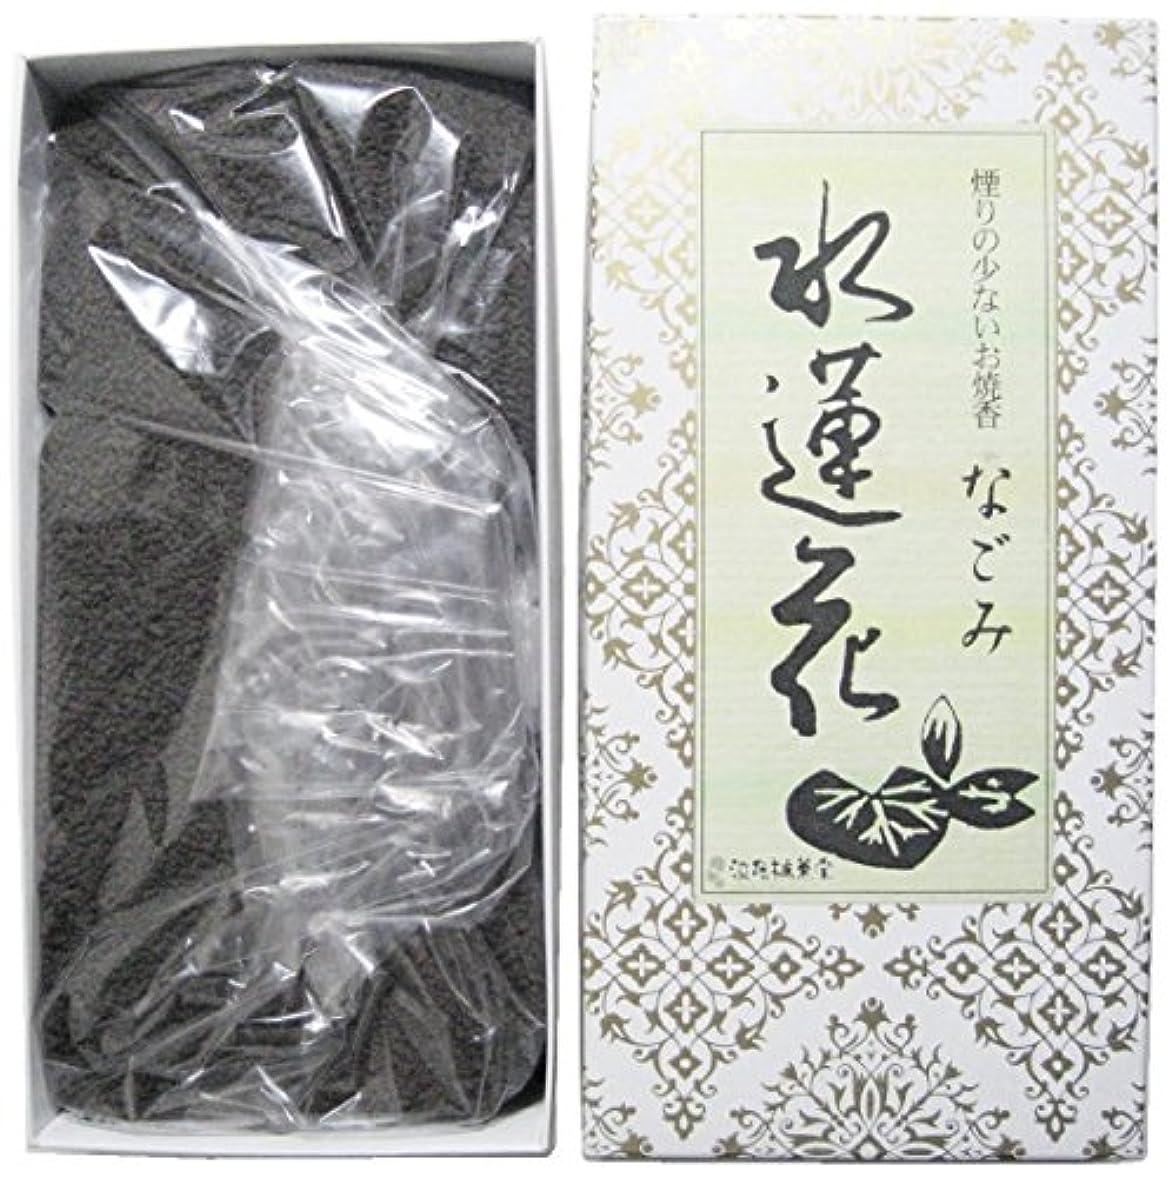 抑止するポケット開いた淡路梅薫堂の煙の少ないお焼香 なごみ 水蓮花 500g #931 お焼香用 けむりの少ないお香